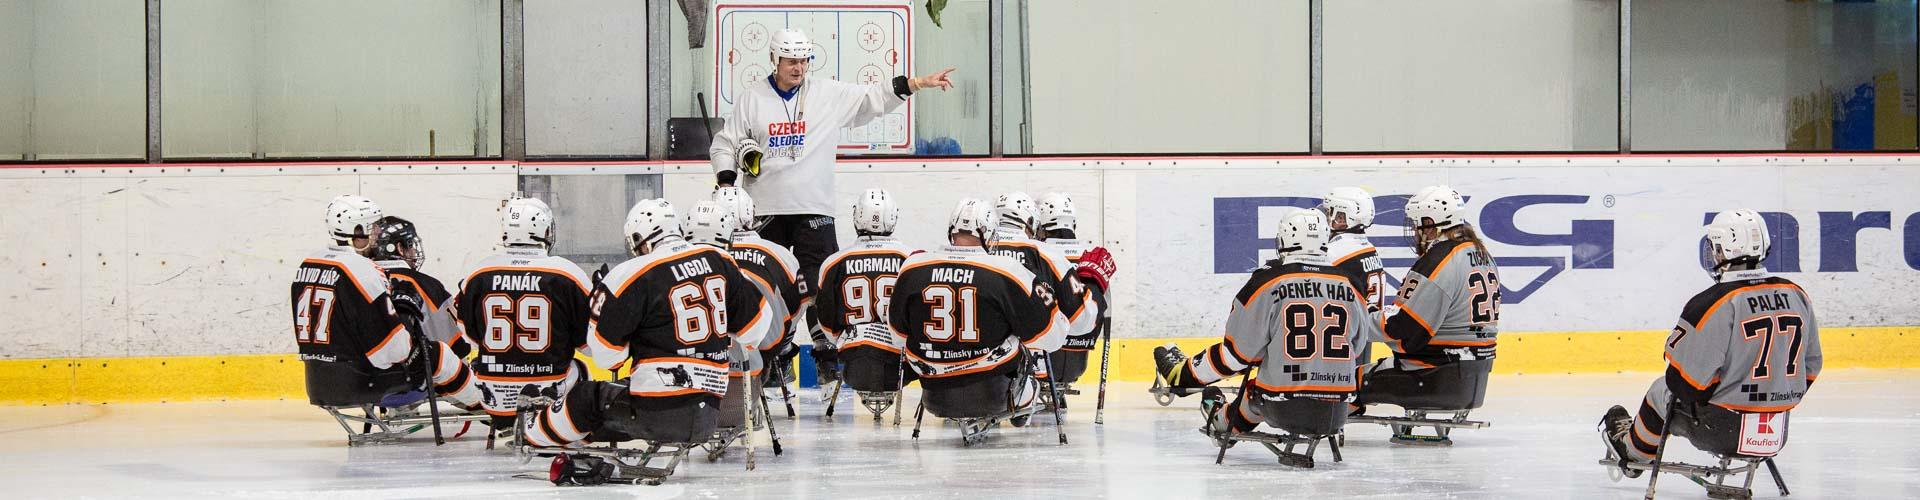 Tréning sledge hokejistů Zlín.